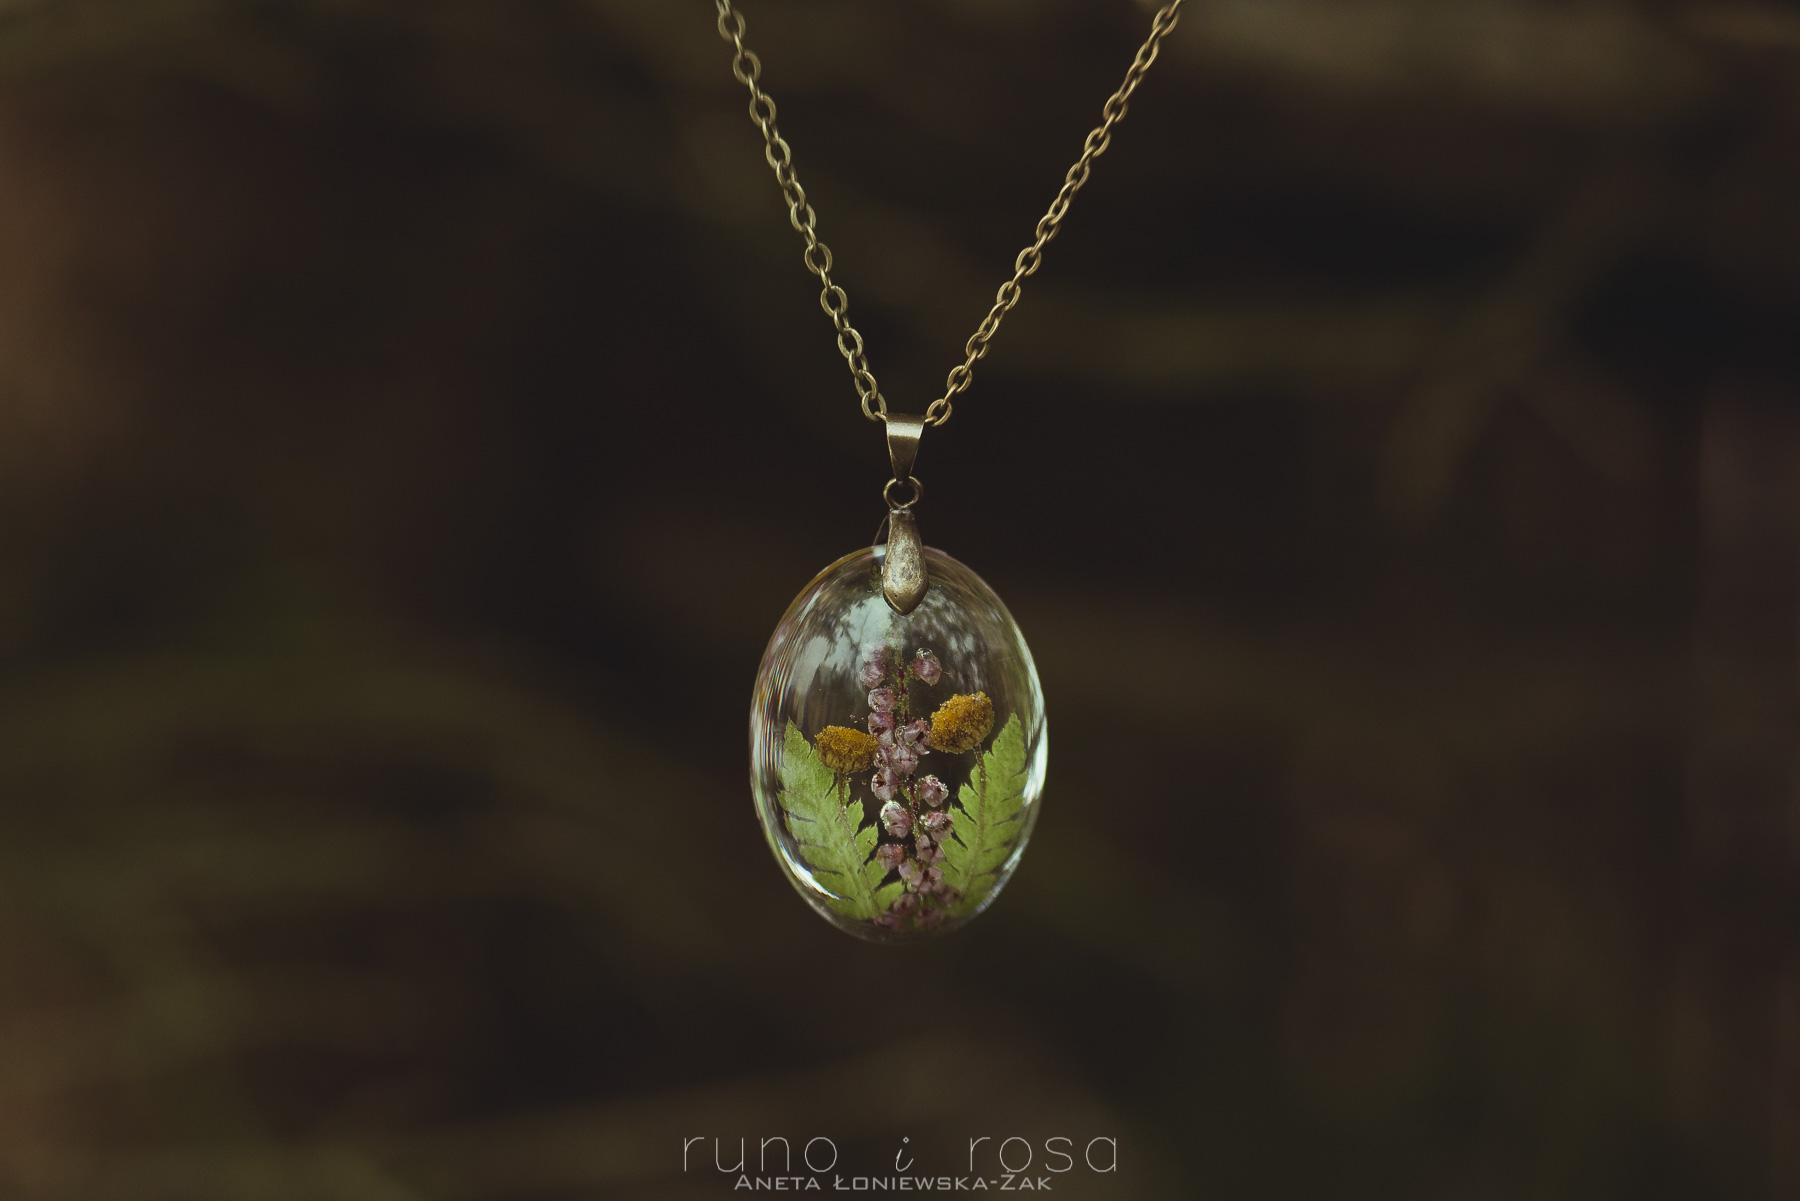 biżuteria handmade, biżuteria z roślinami, biżuteria z żywicy, runo i rosa